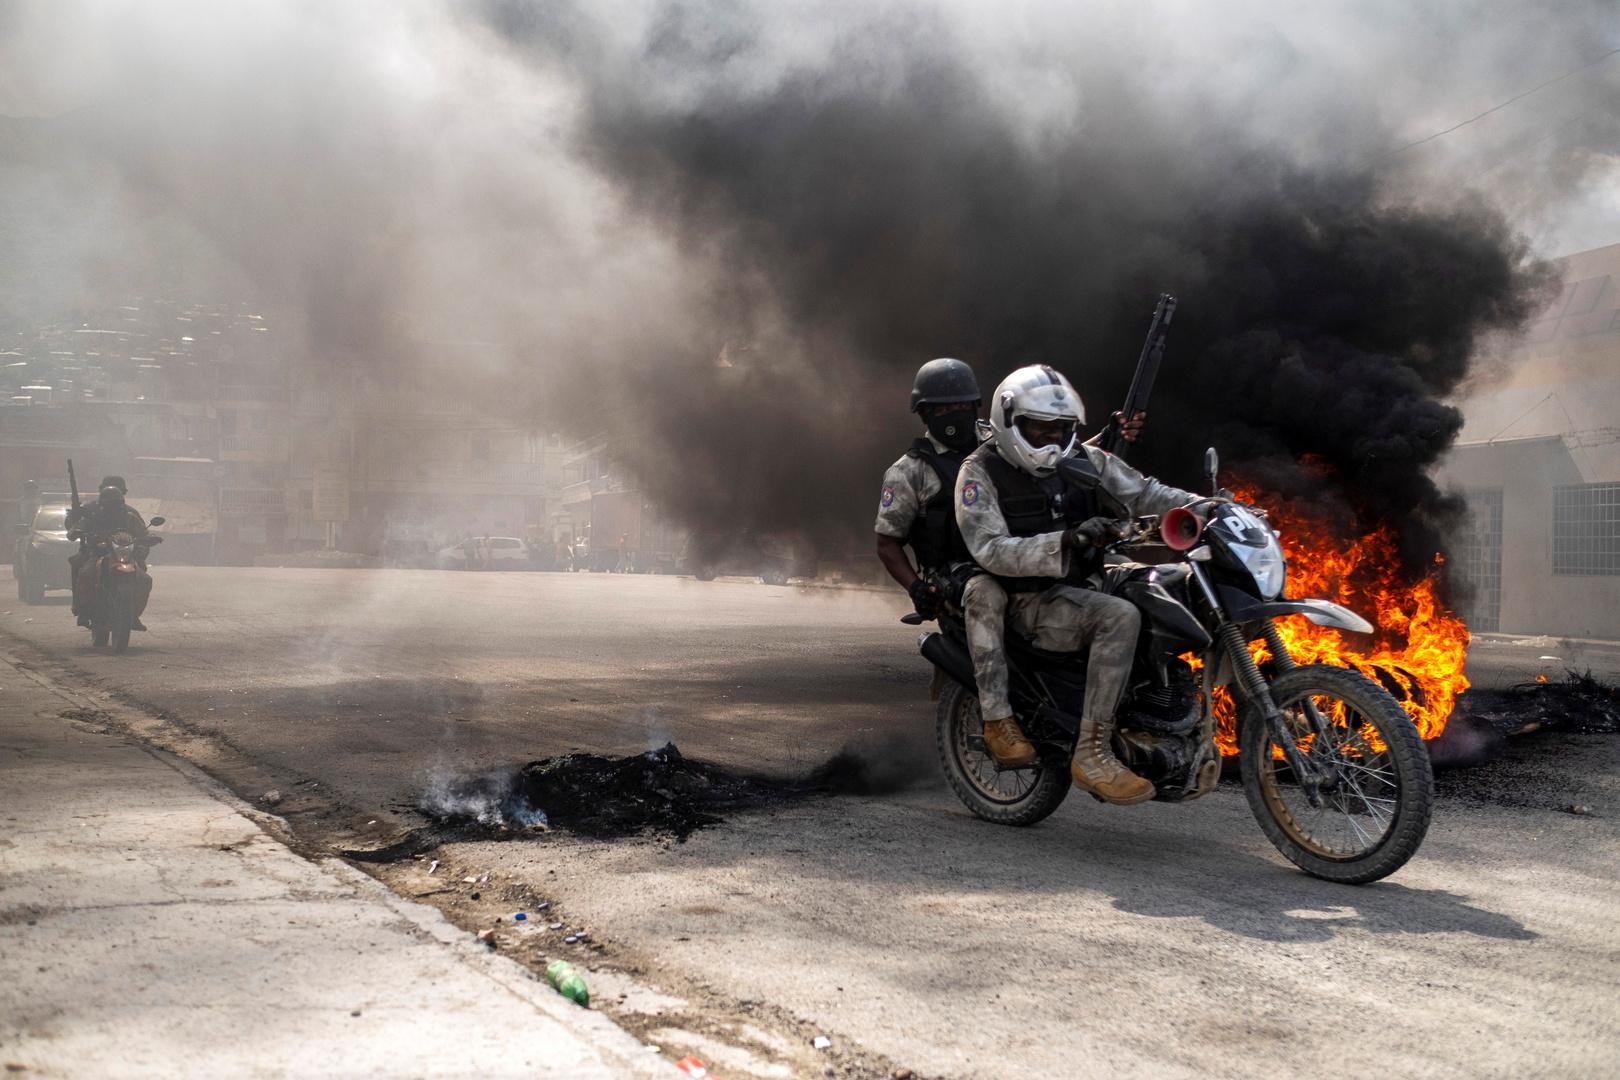 هايتي تلغي مراسم وداع الرئيس المقتول بسبب الاحتجاجات وأعمال الشغب